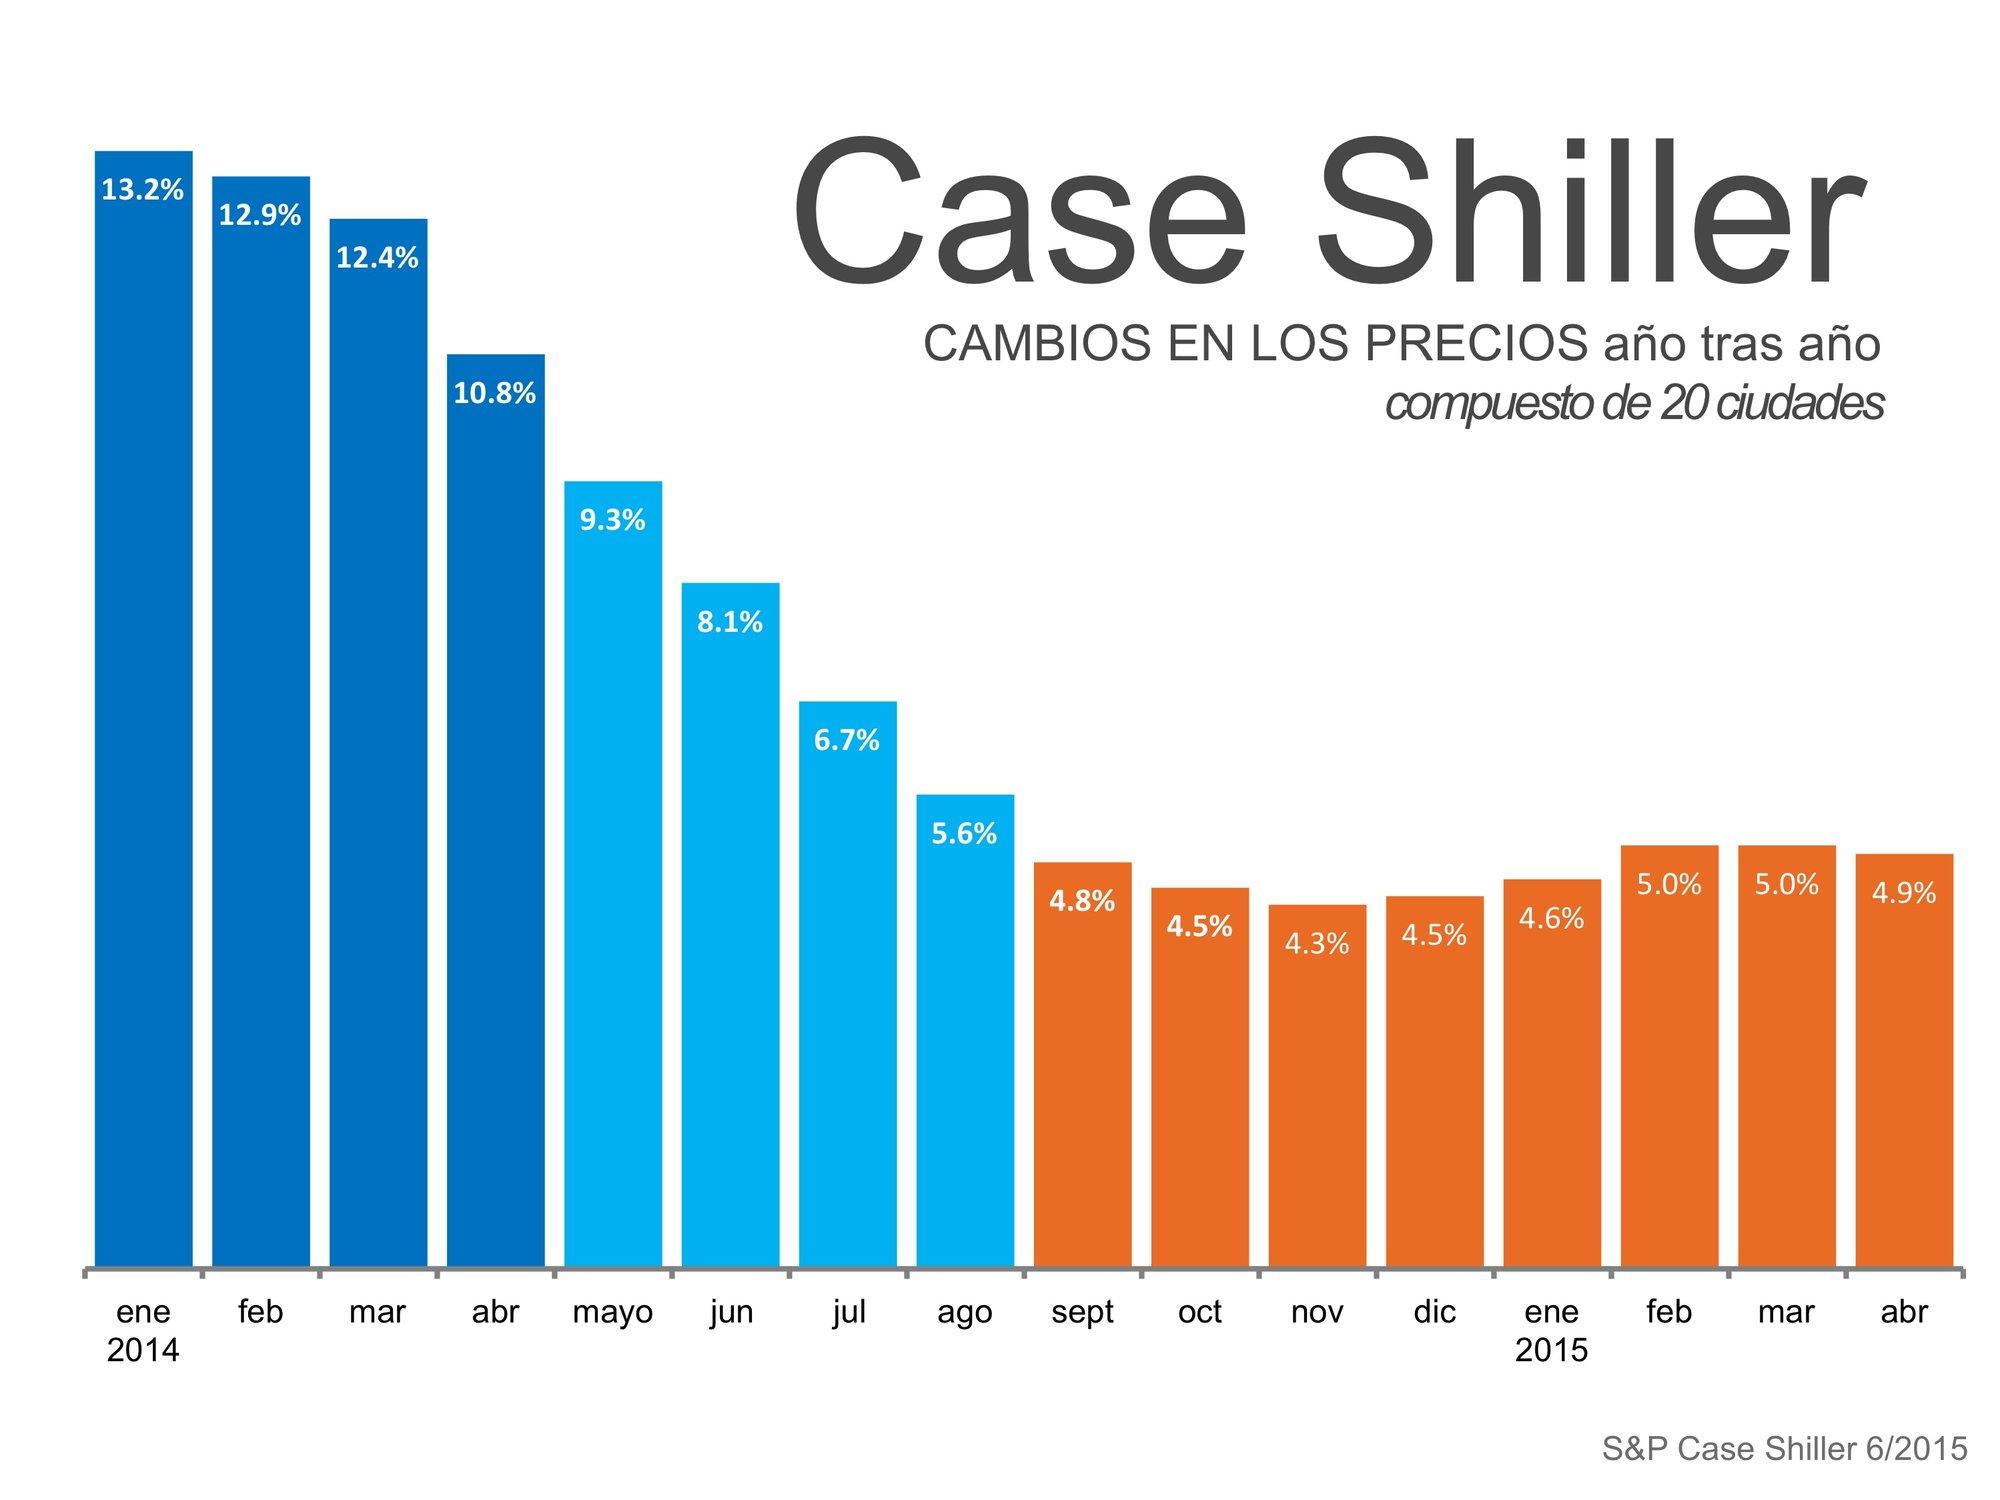 Case Shiller cambio en los precios